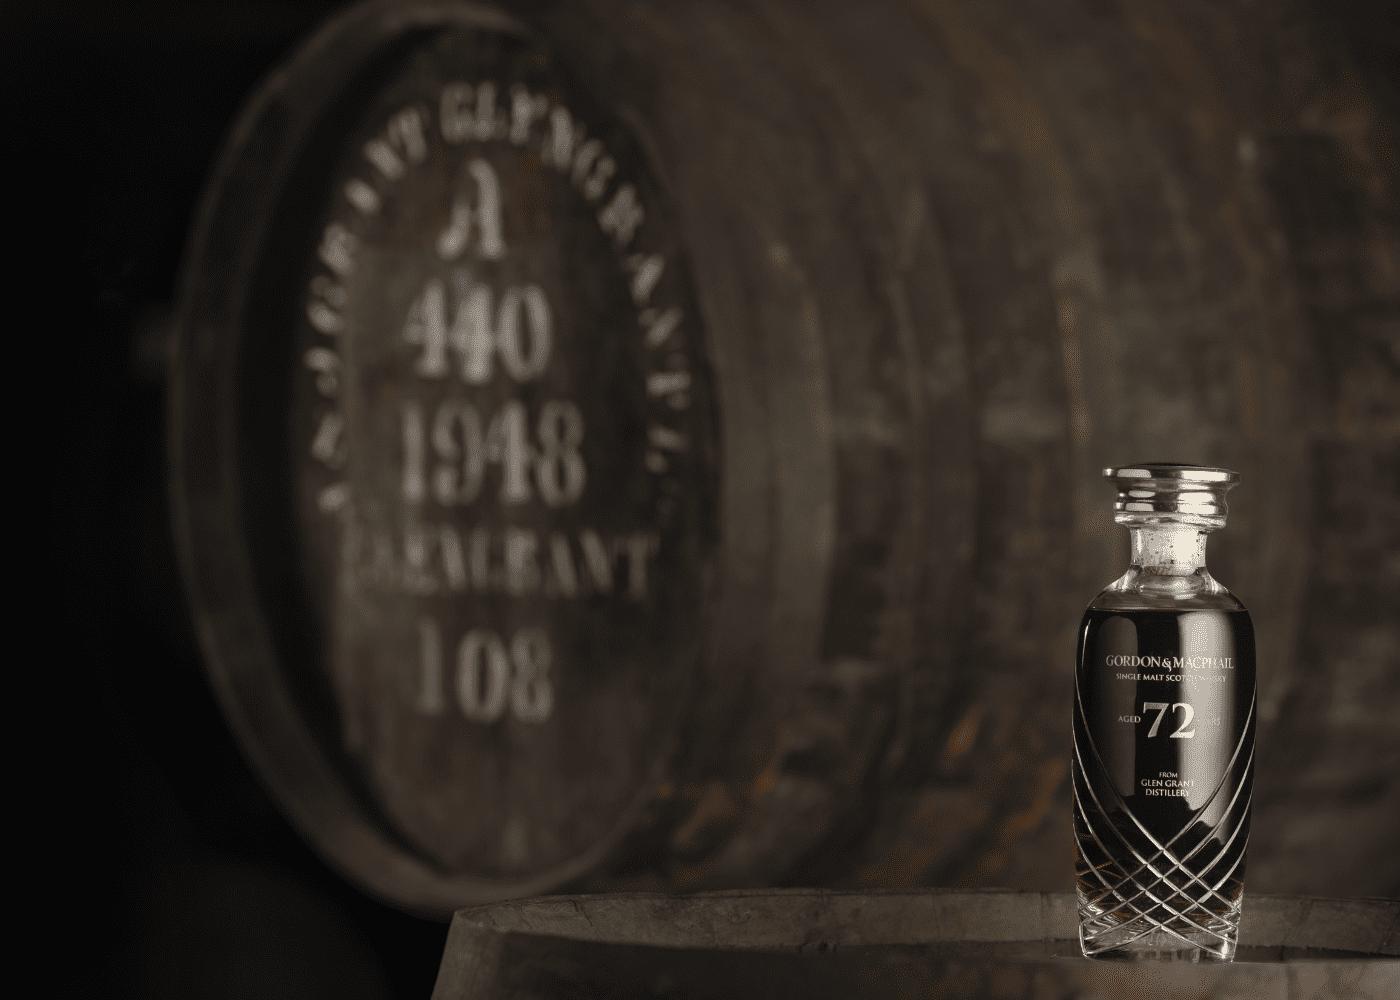 Gordon & MacPhail 72-Year-Old, Glen Grant 1948 Single Malt Whisky